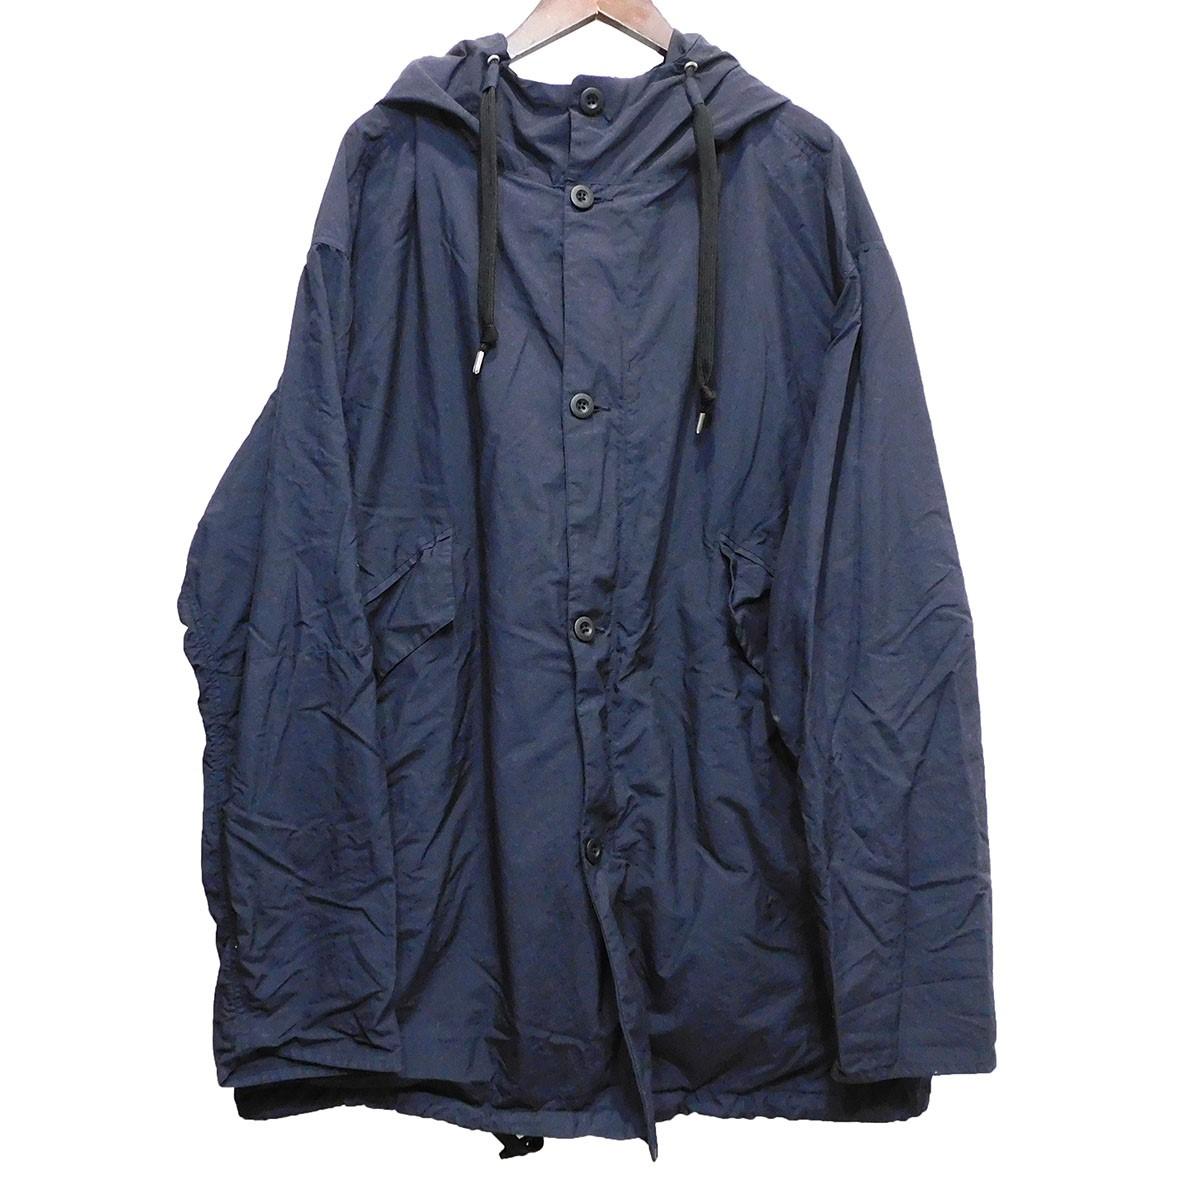 【中古】TEATORA「Souvenir Hunter Packable」 パッカブルナイロンジャケット ネイビー サイズ:48 【5月11日見直し】